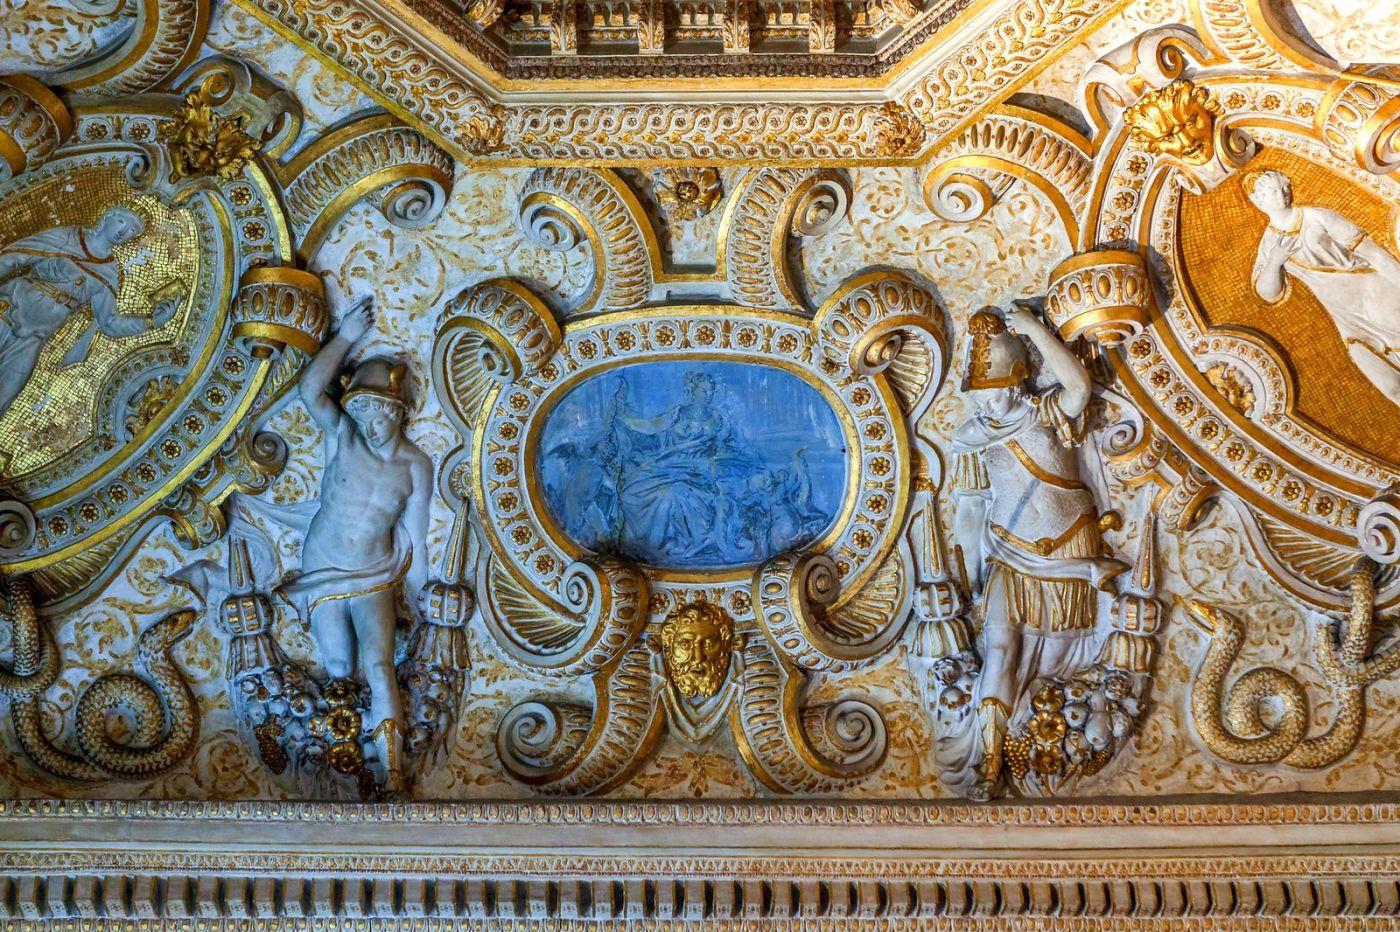 威尼斯圣马可大教堂(St Mark's Basilica), 精雕细琢的顶设_图1-20